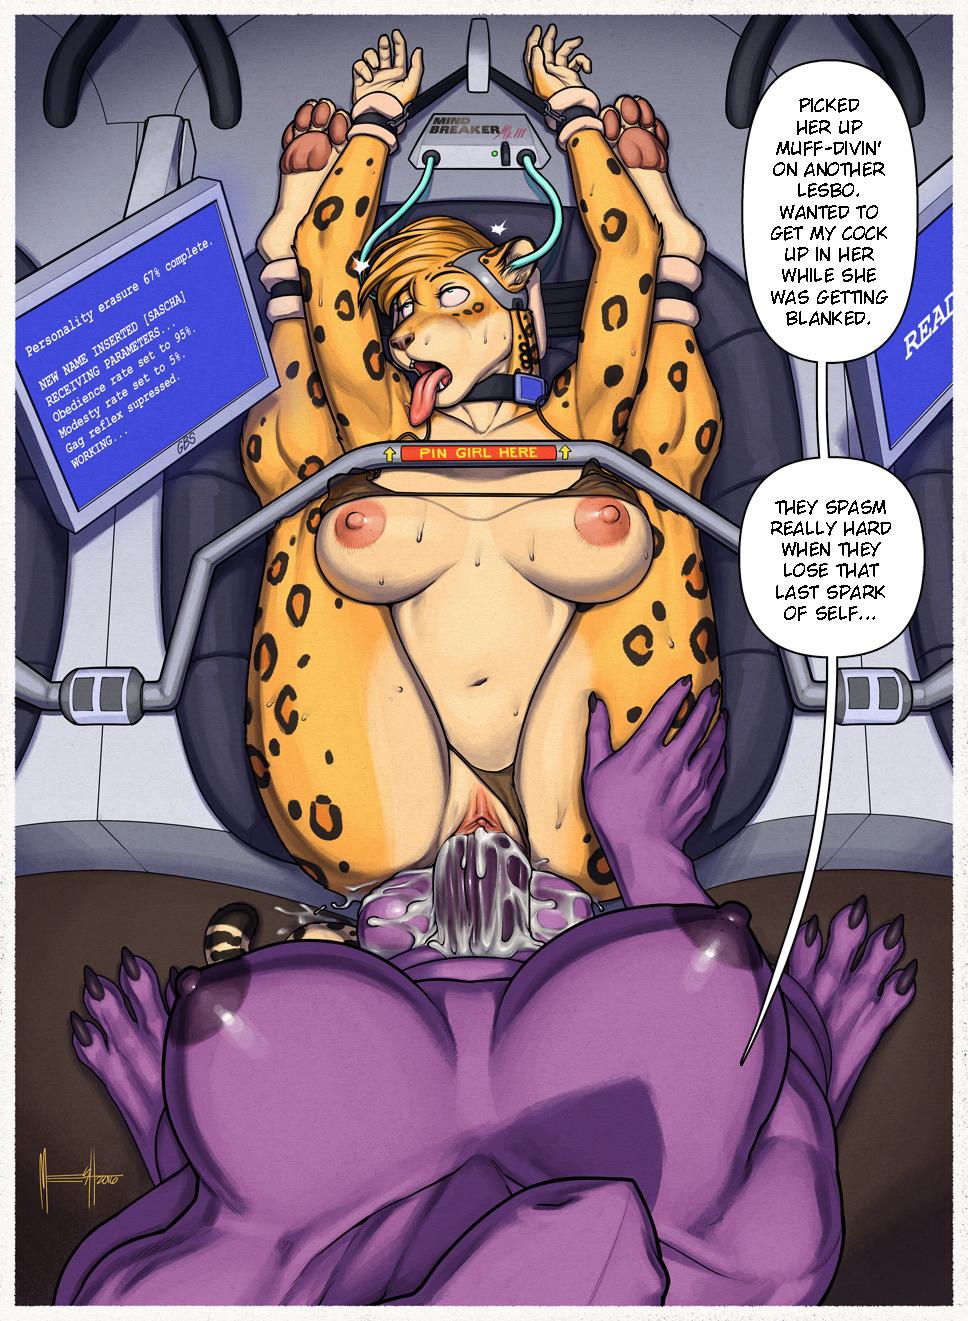 Debbie moore nude